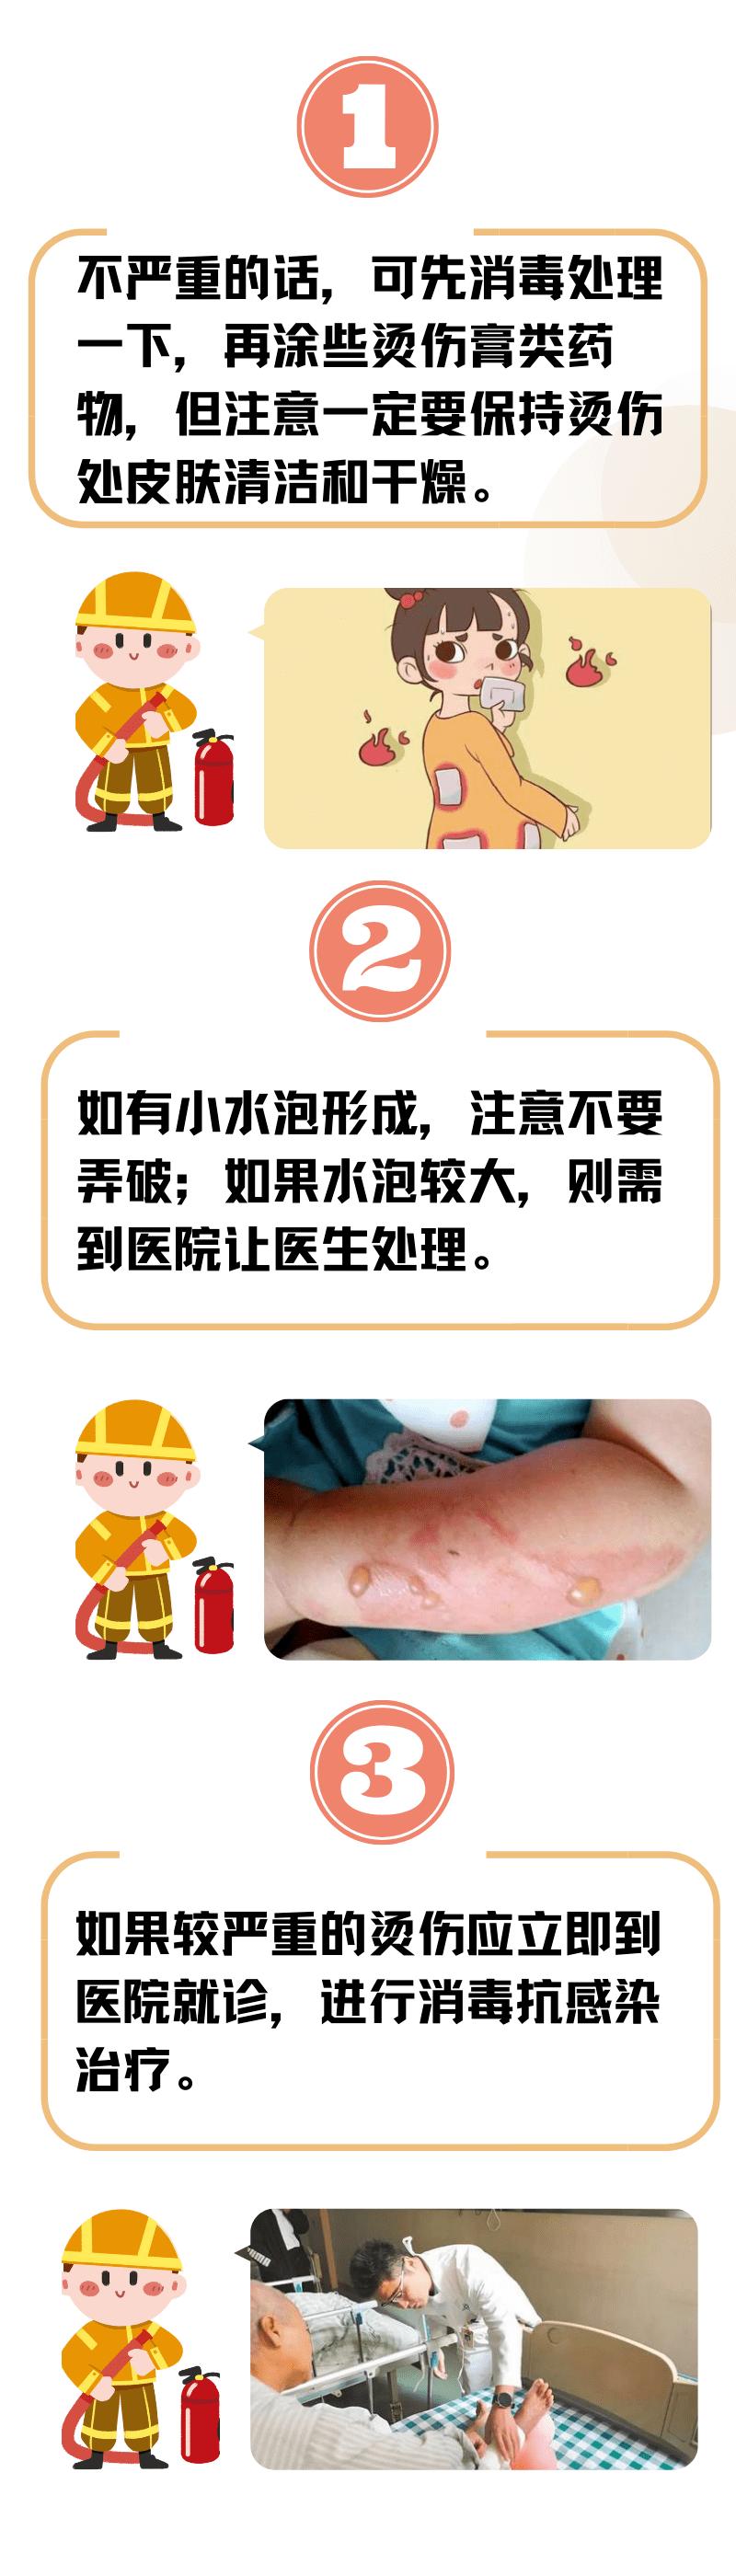 当心!使用暖宝宝取暖,小心低温烫伤